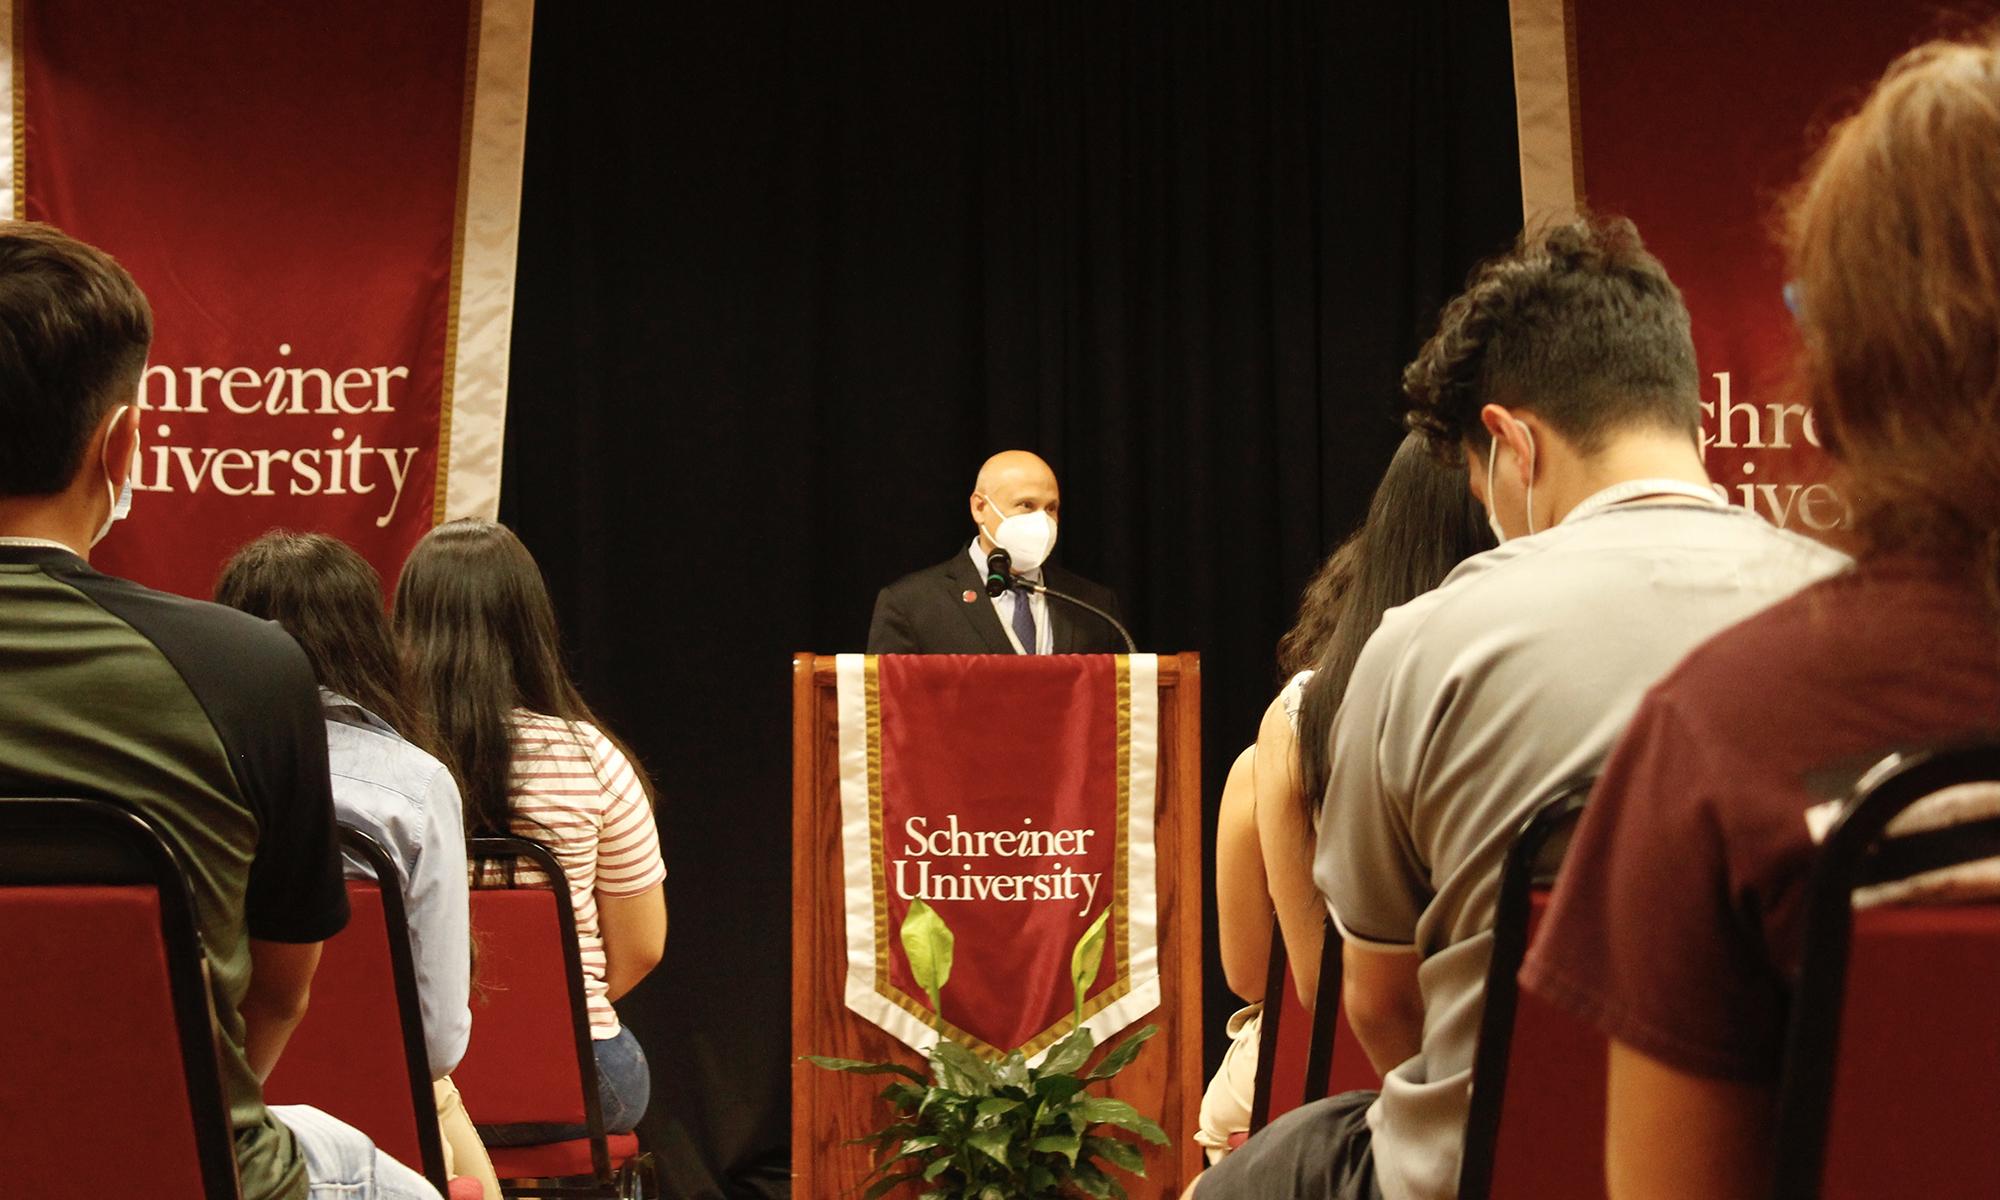 2021 nhi summer programs schreiner university